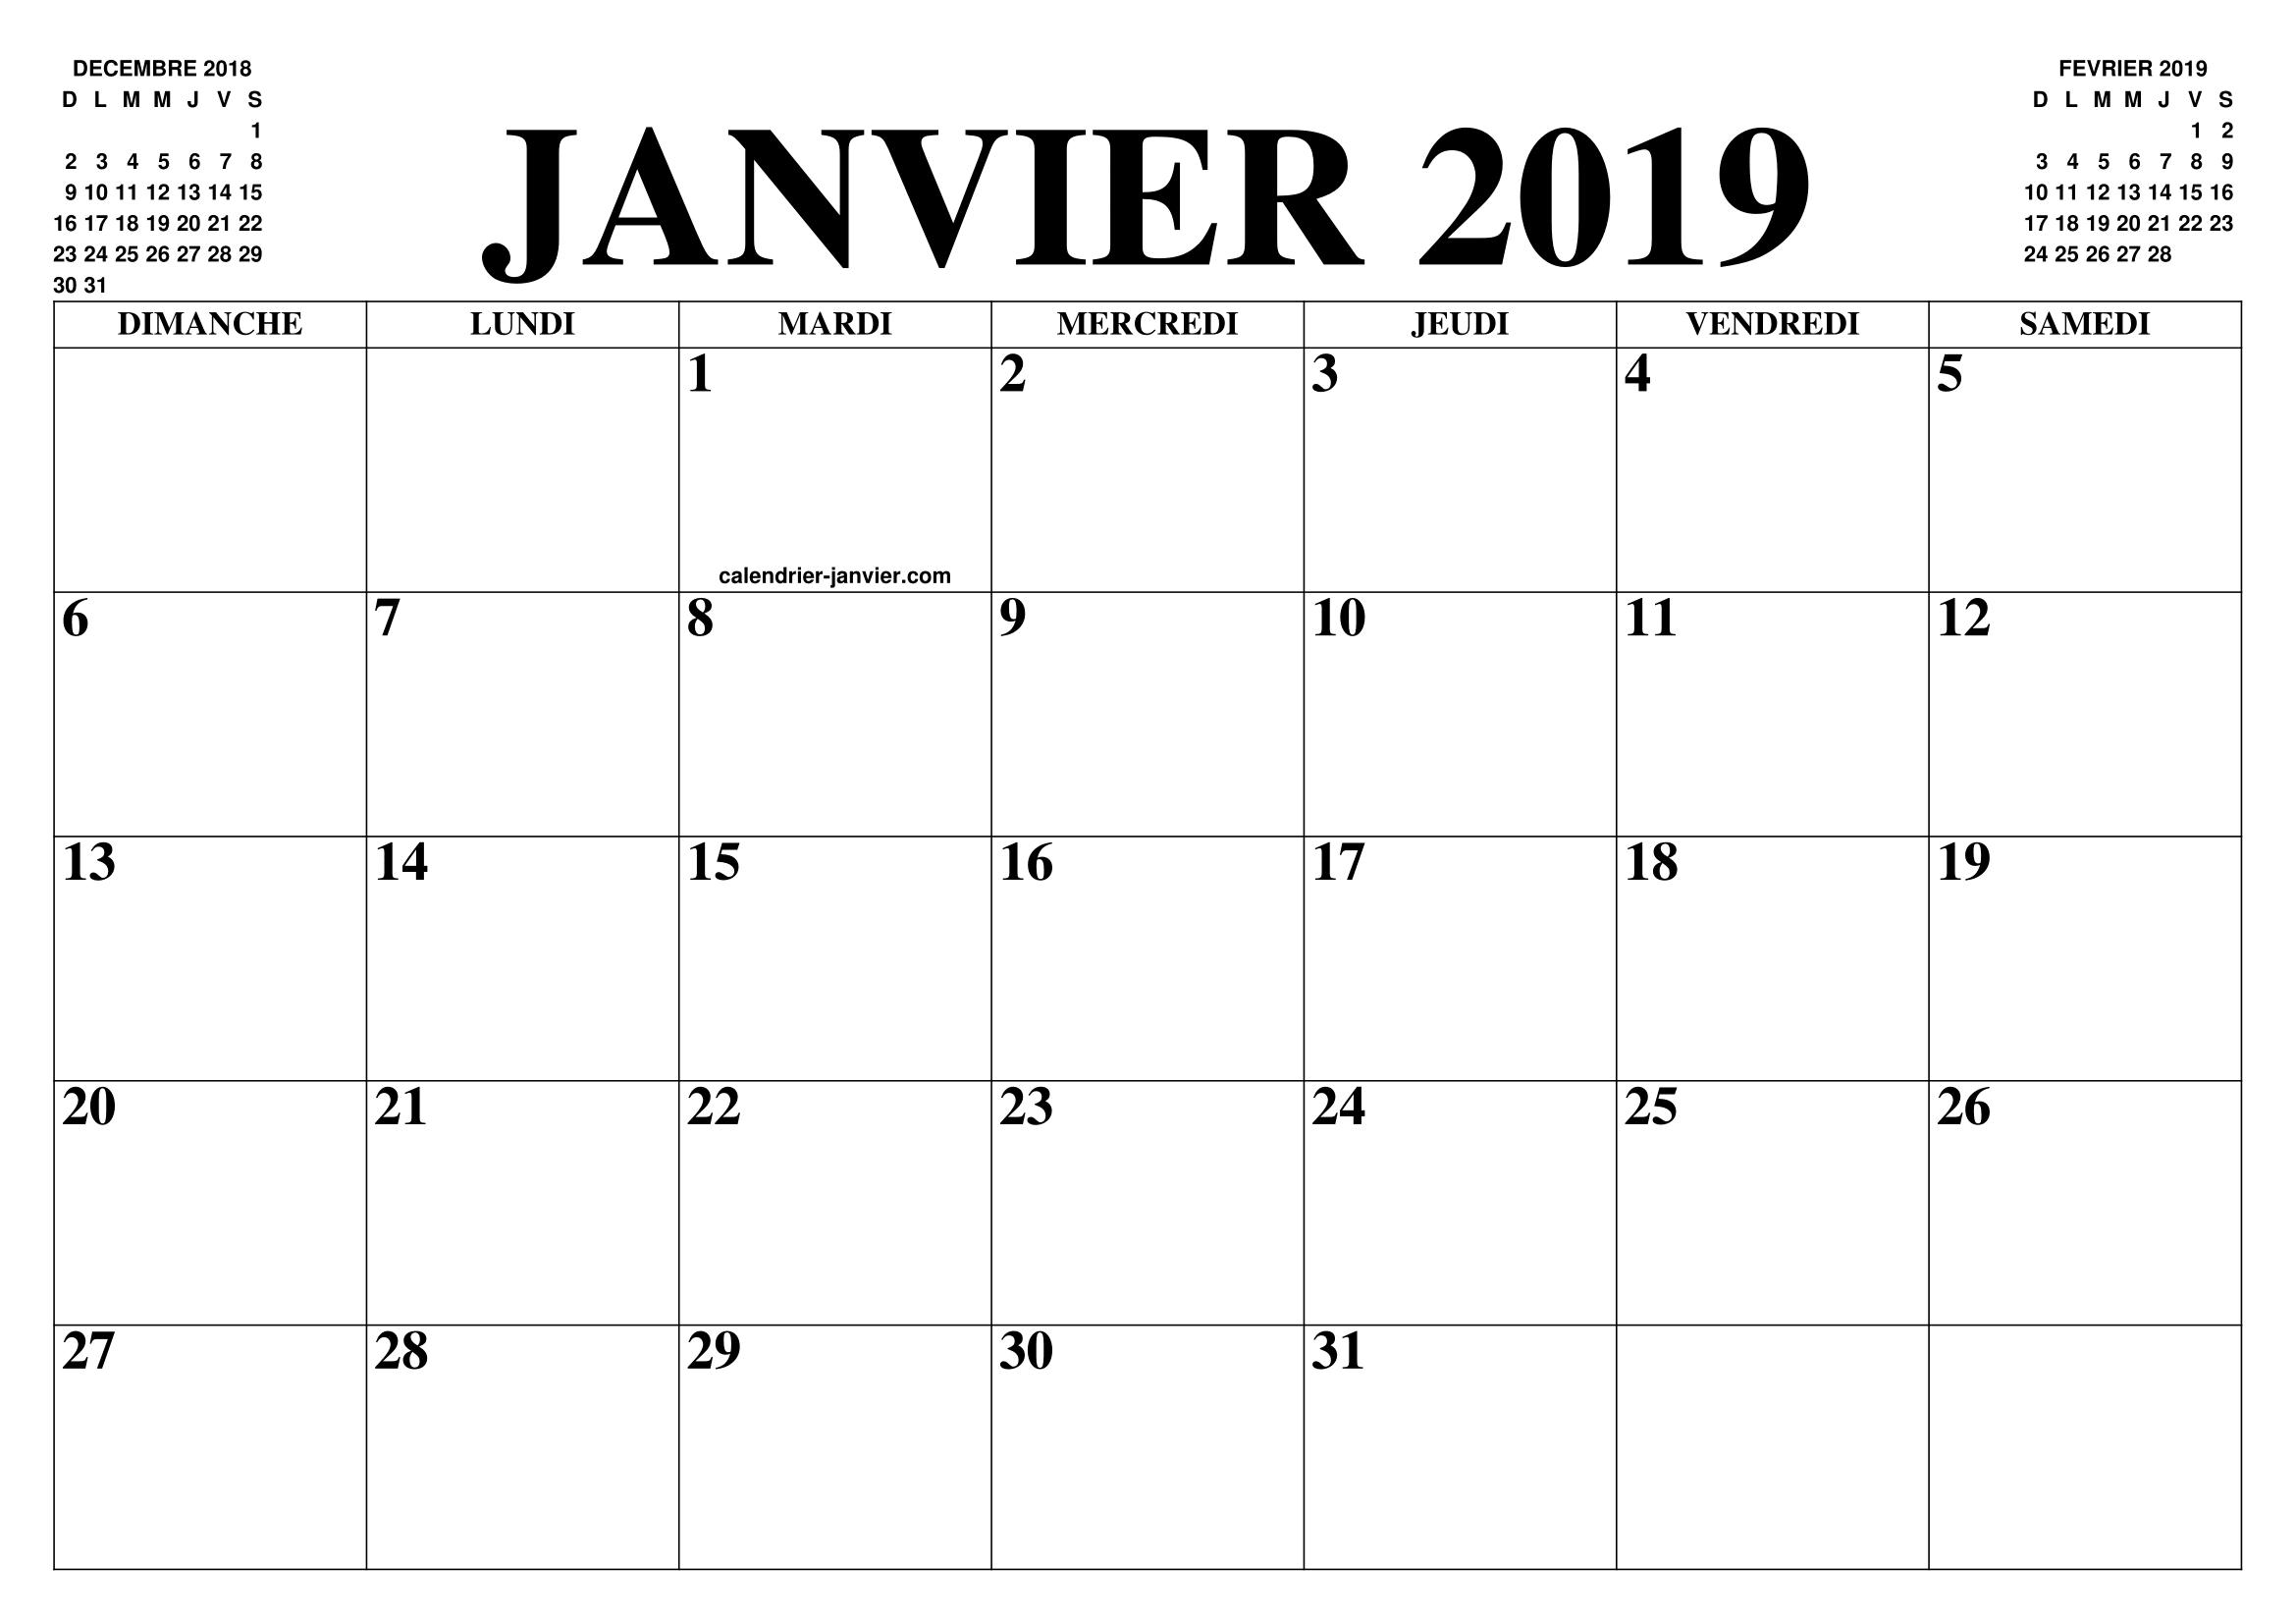 Calendrier 2019 Mois Par Mois A Imprimer.Calendrier Janvier 2019 2020 Le Calendrier Du Mois De